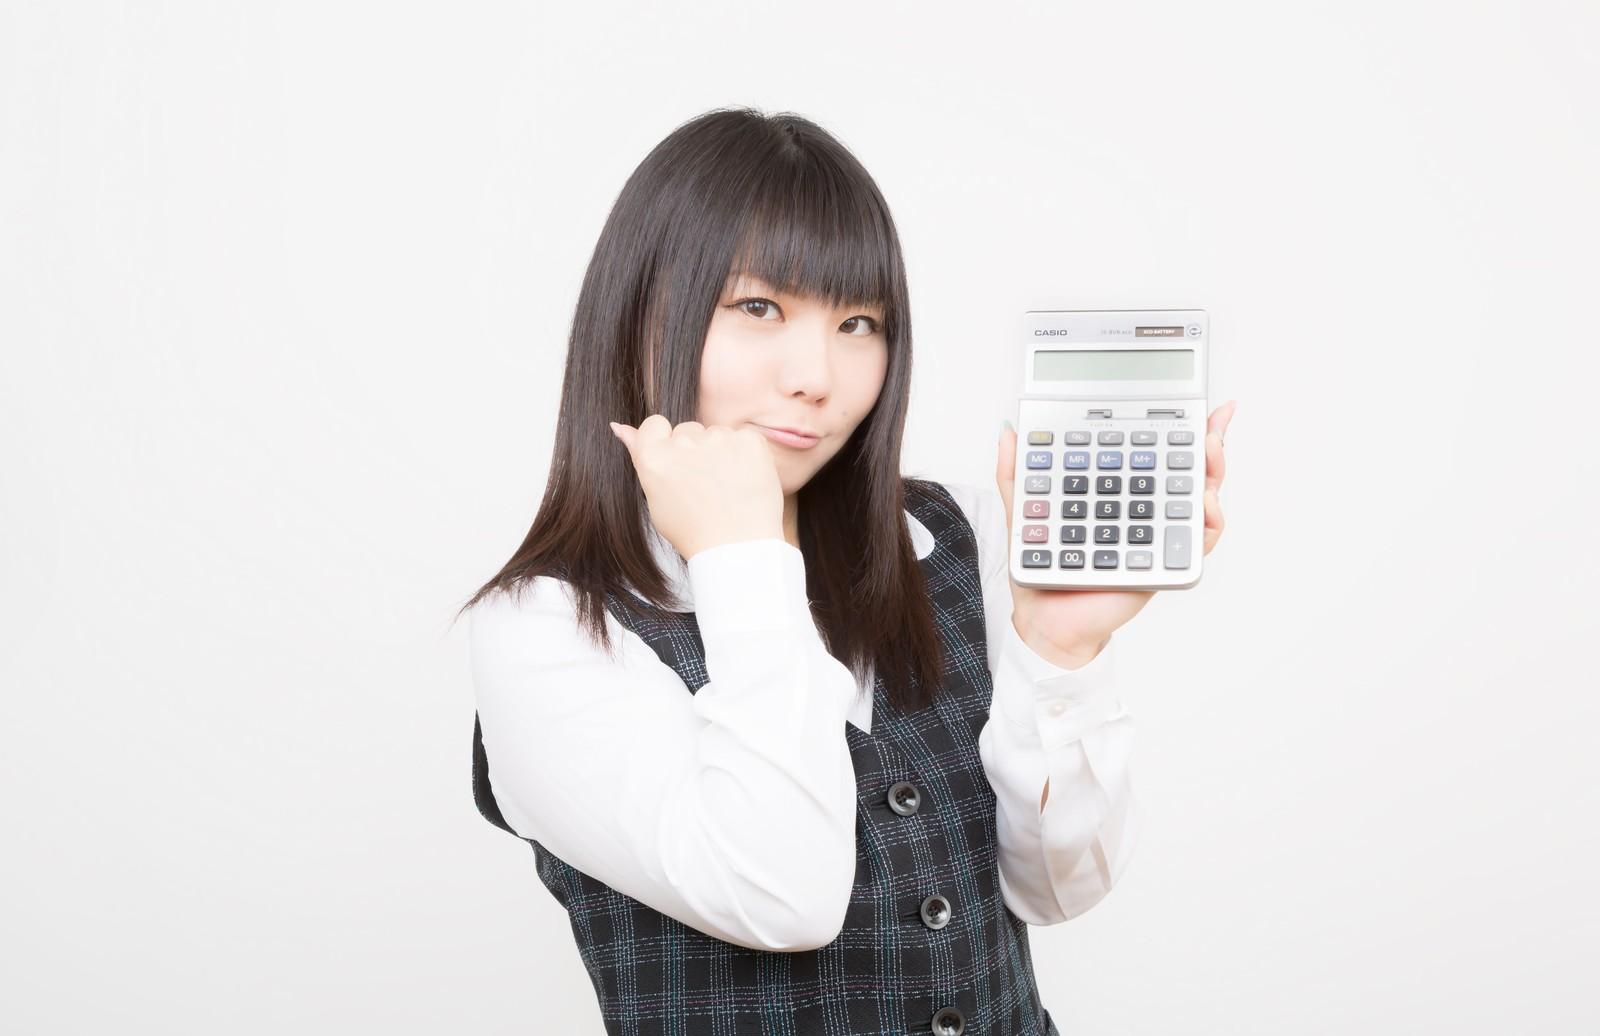 失業手当はいくら貰えるの?給付金額と期間の計算方法を知ろう